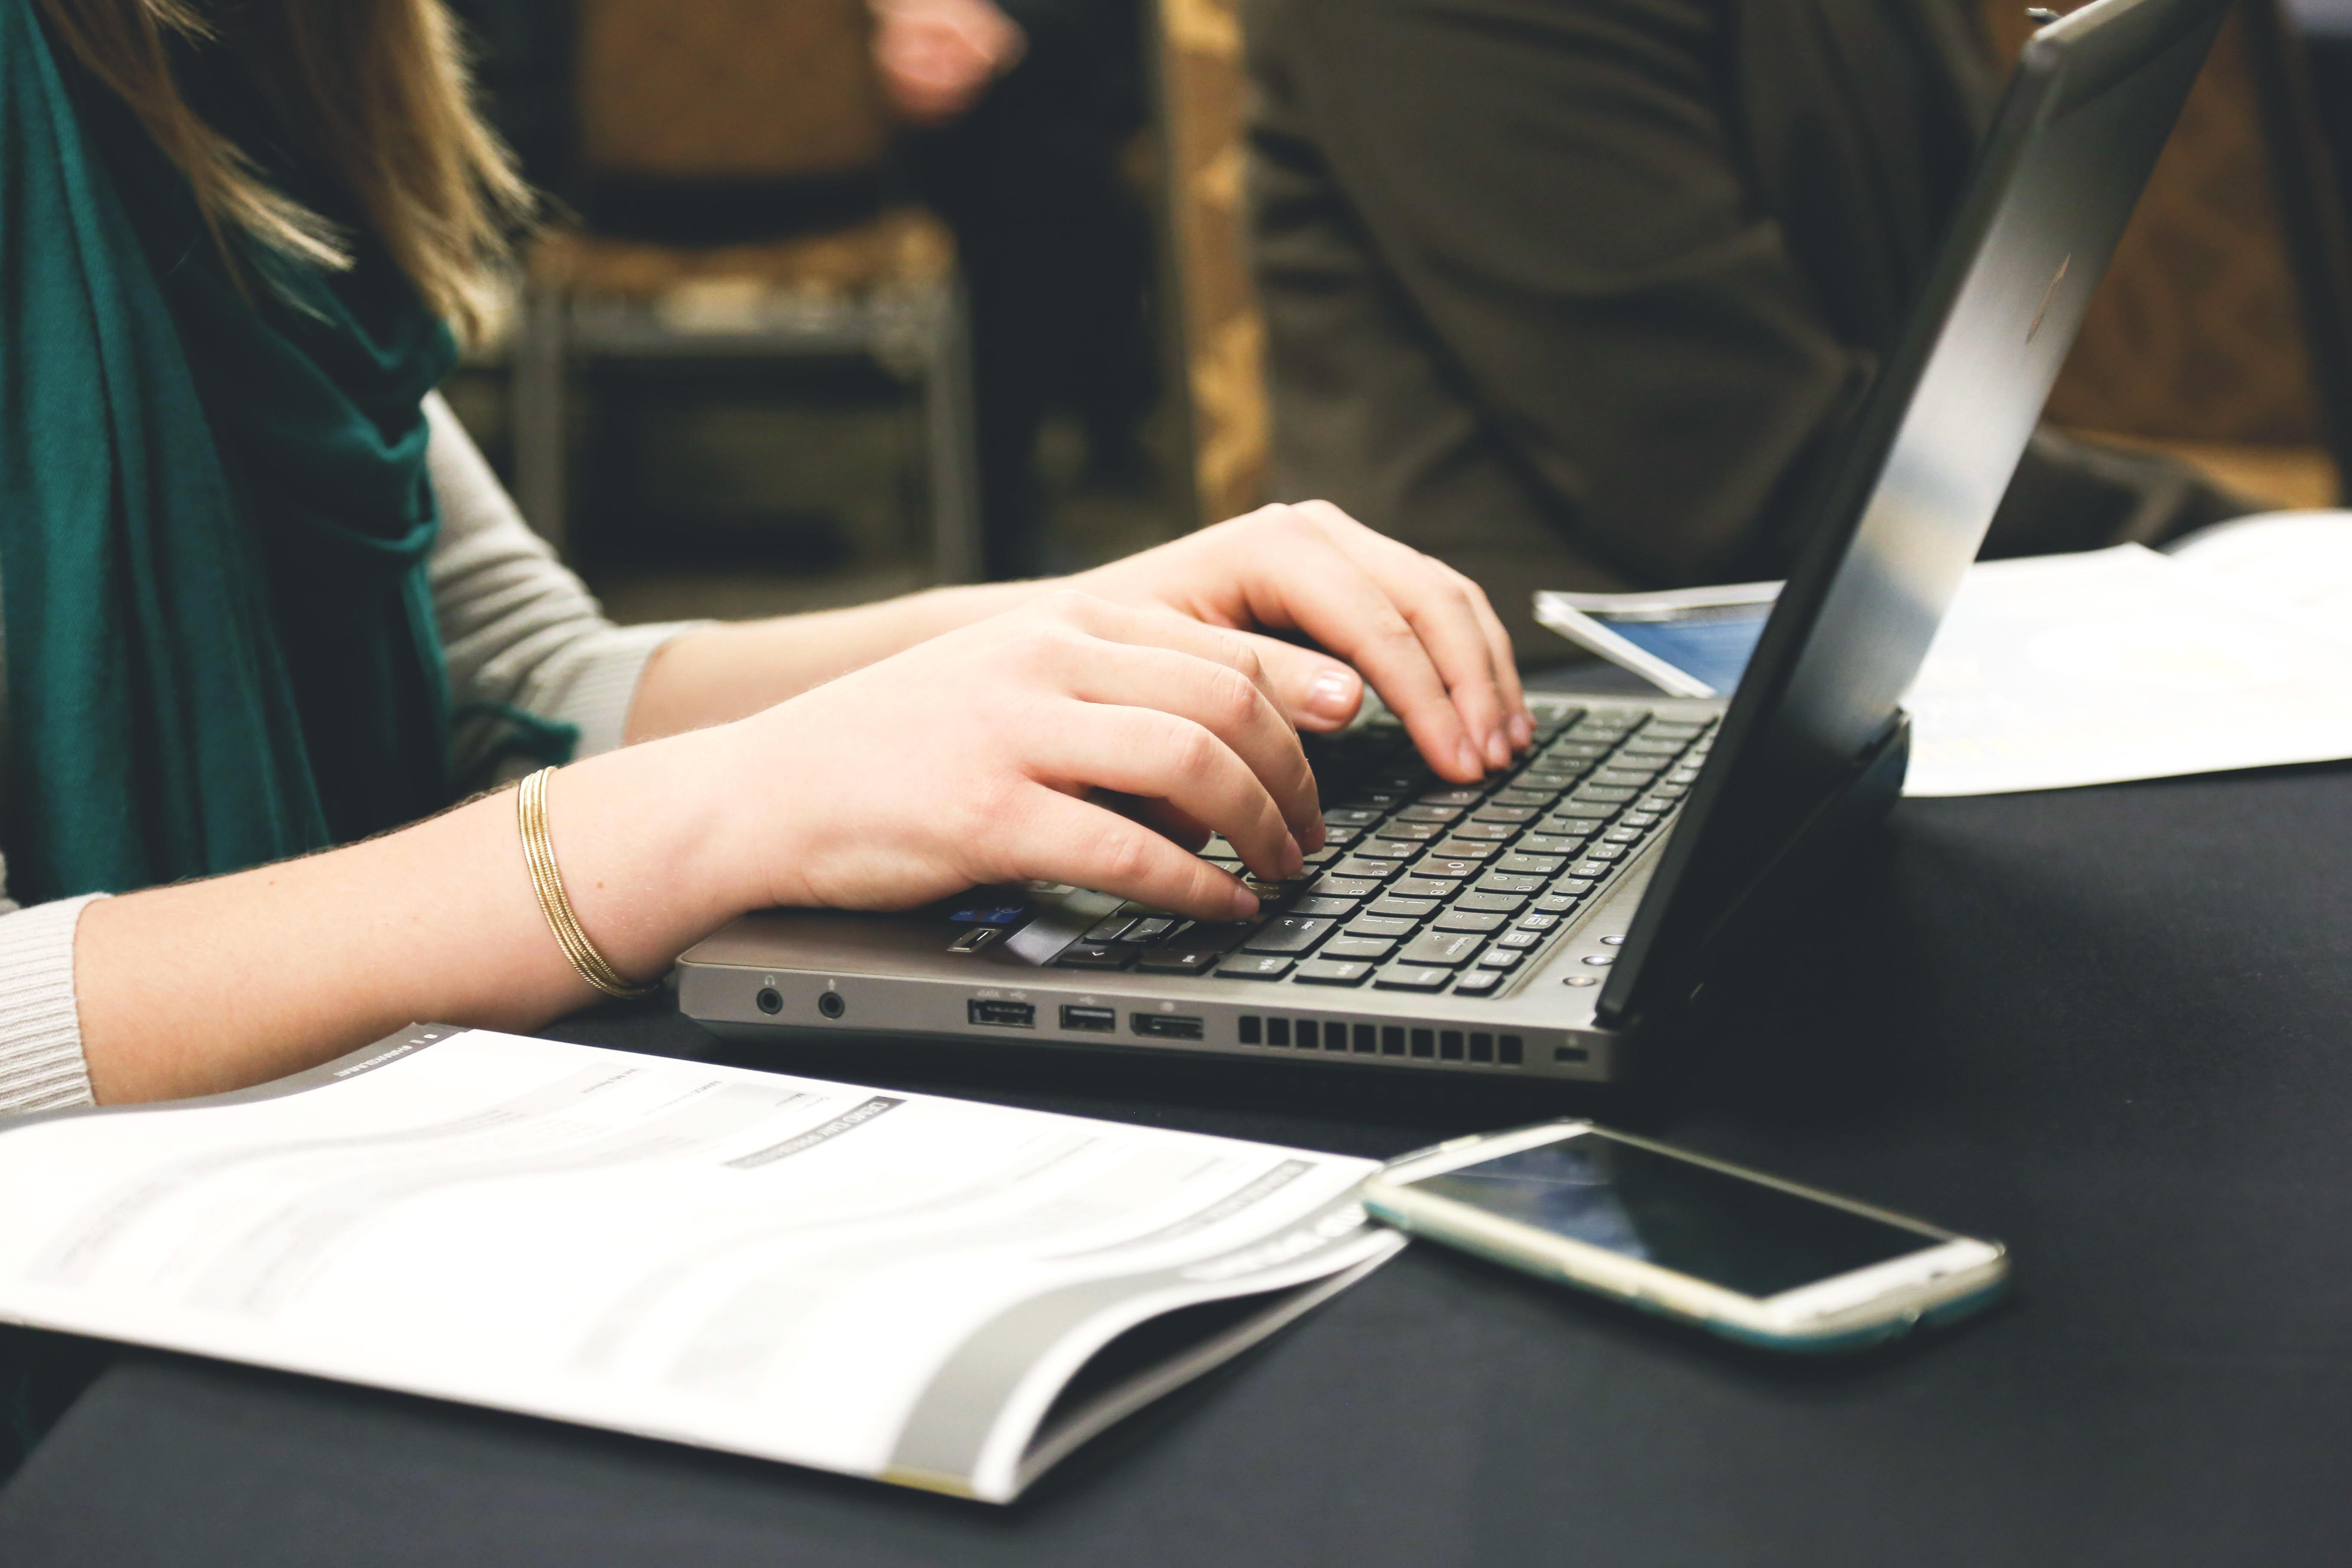 writing on laptop.jpg